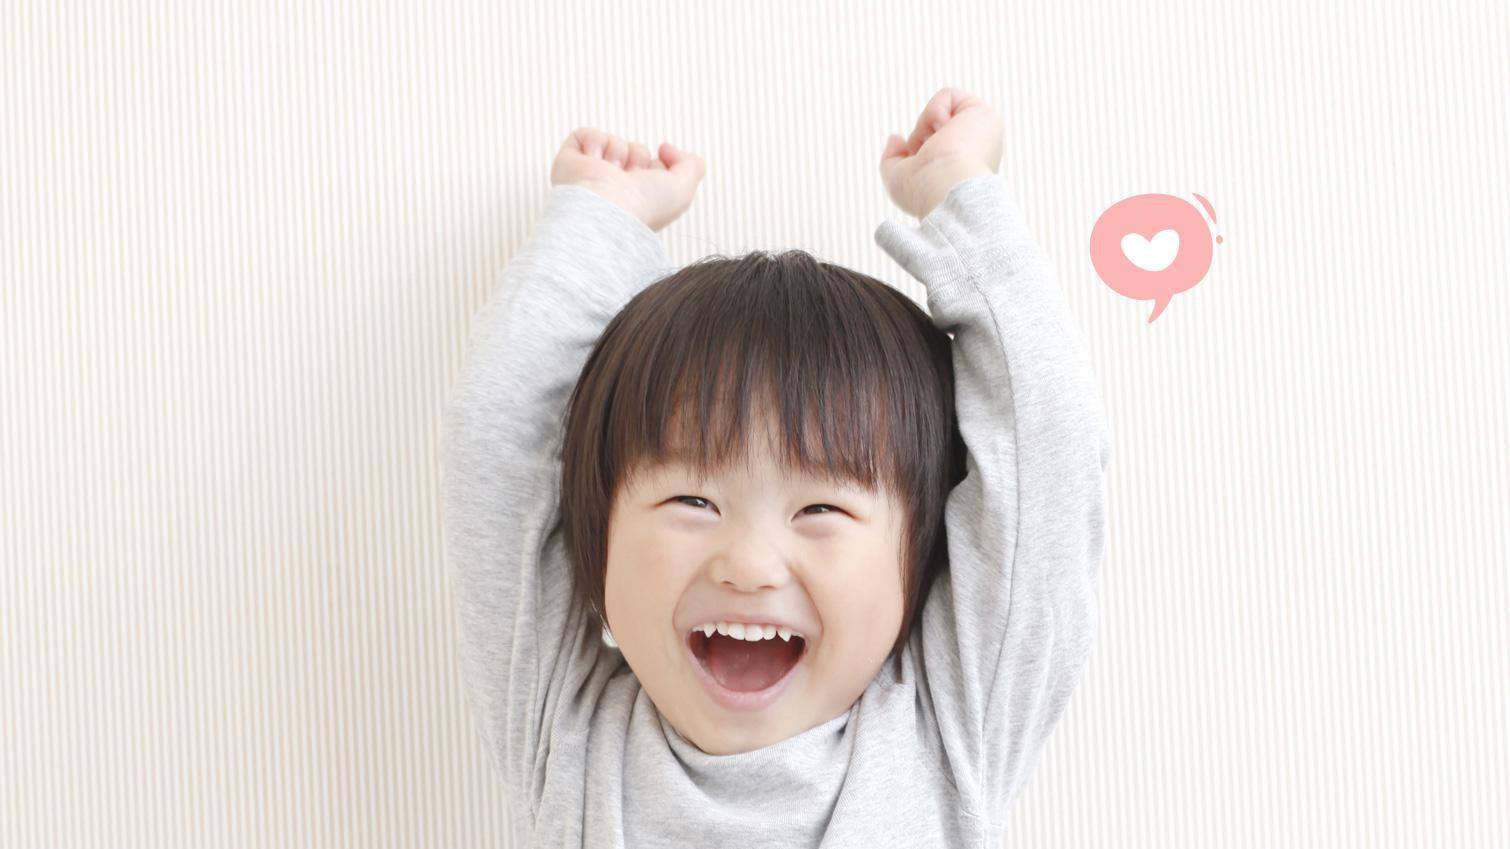 Filsafat untuk Anak dan Index of Happiness